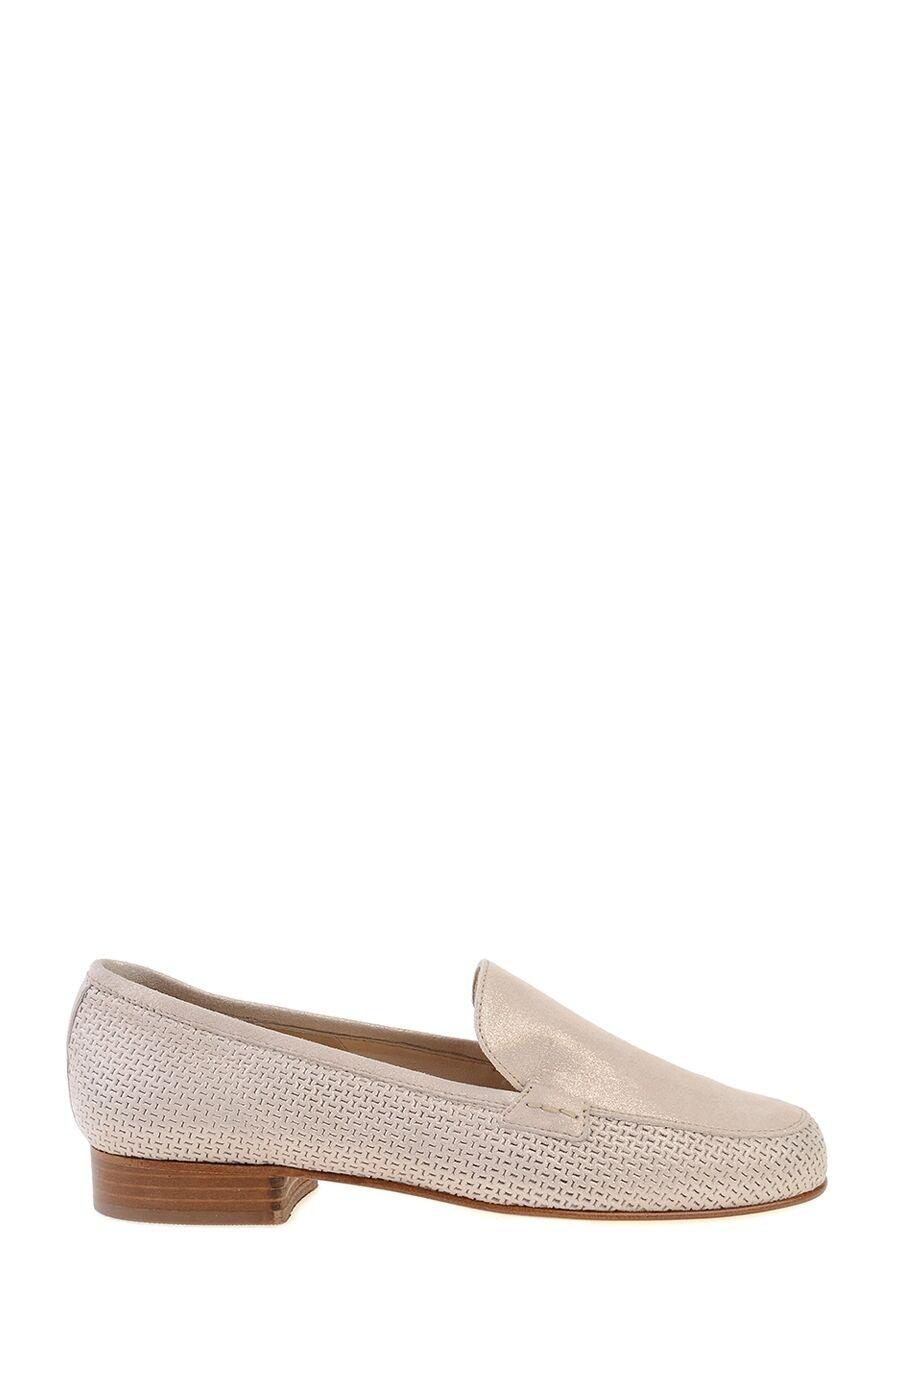 Bej Deri Loafer Ayakkabı